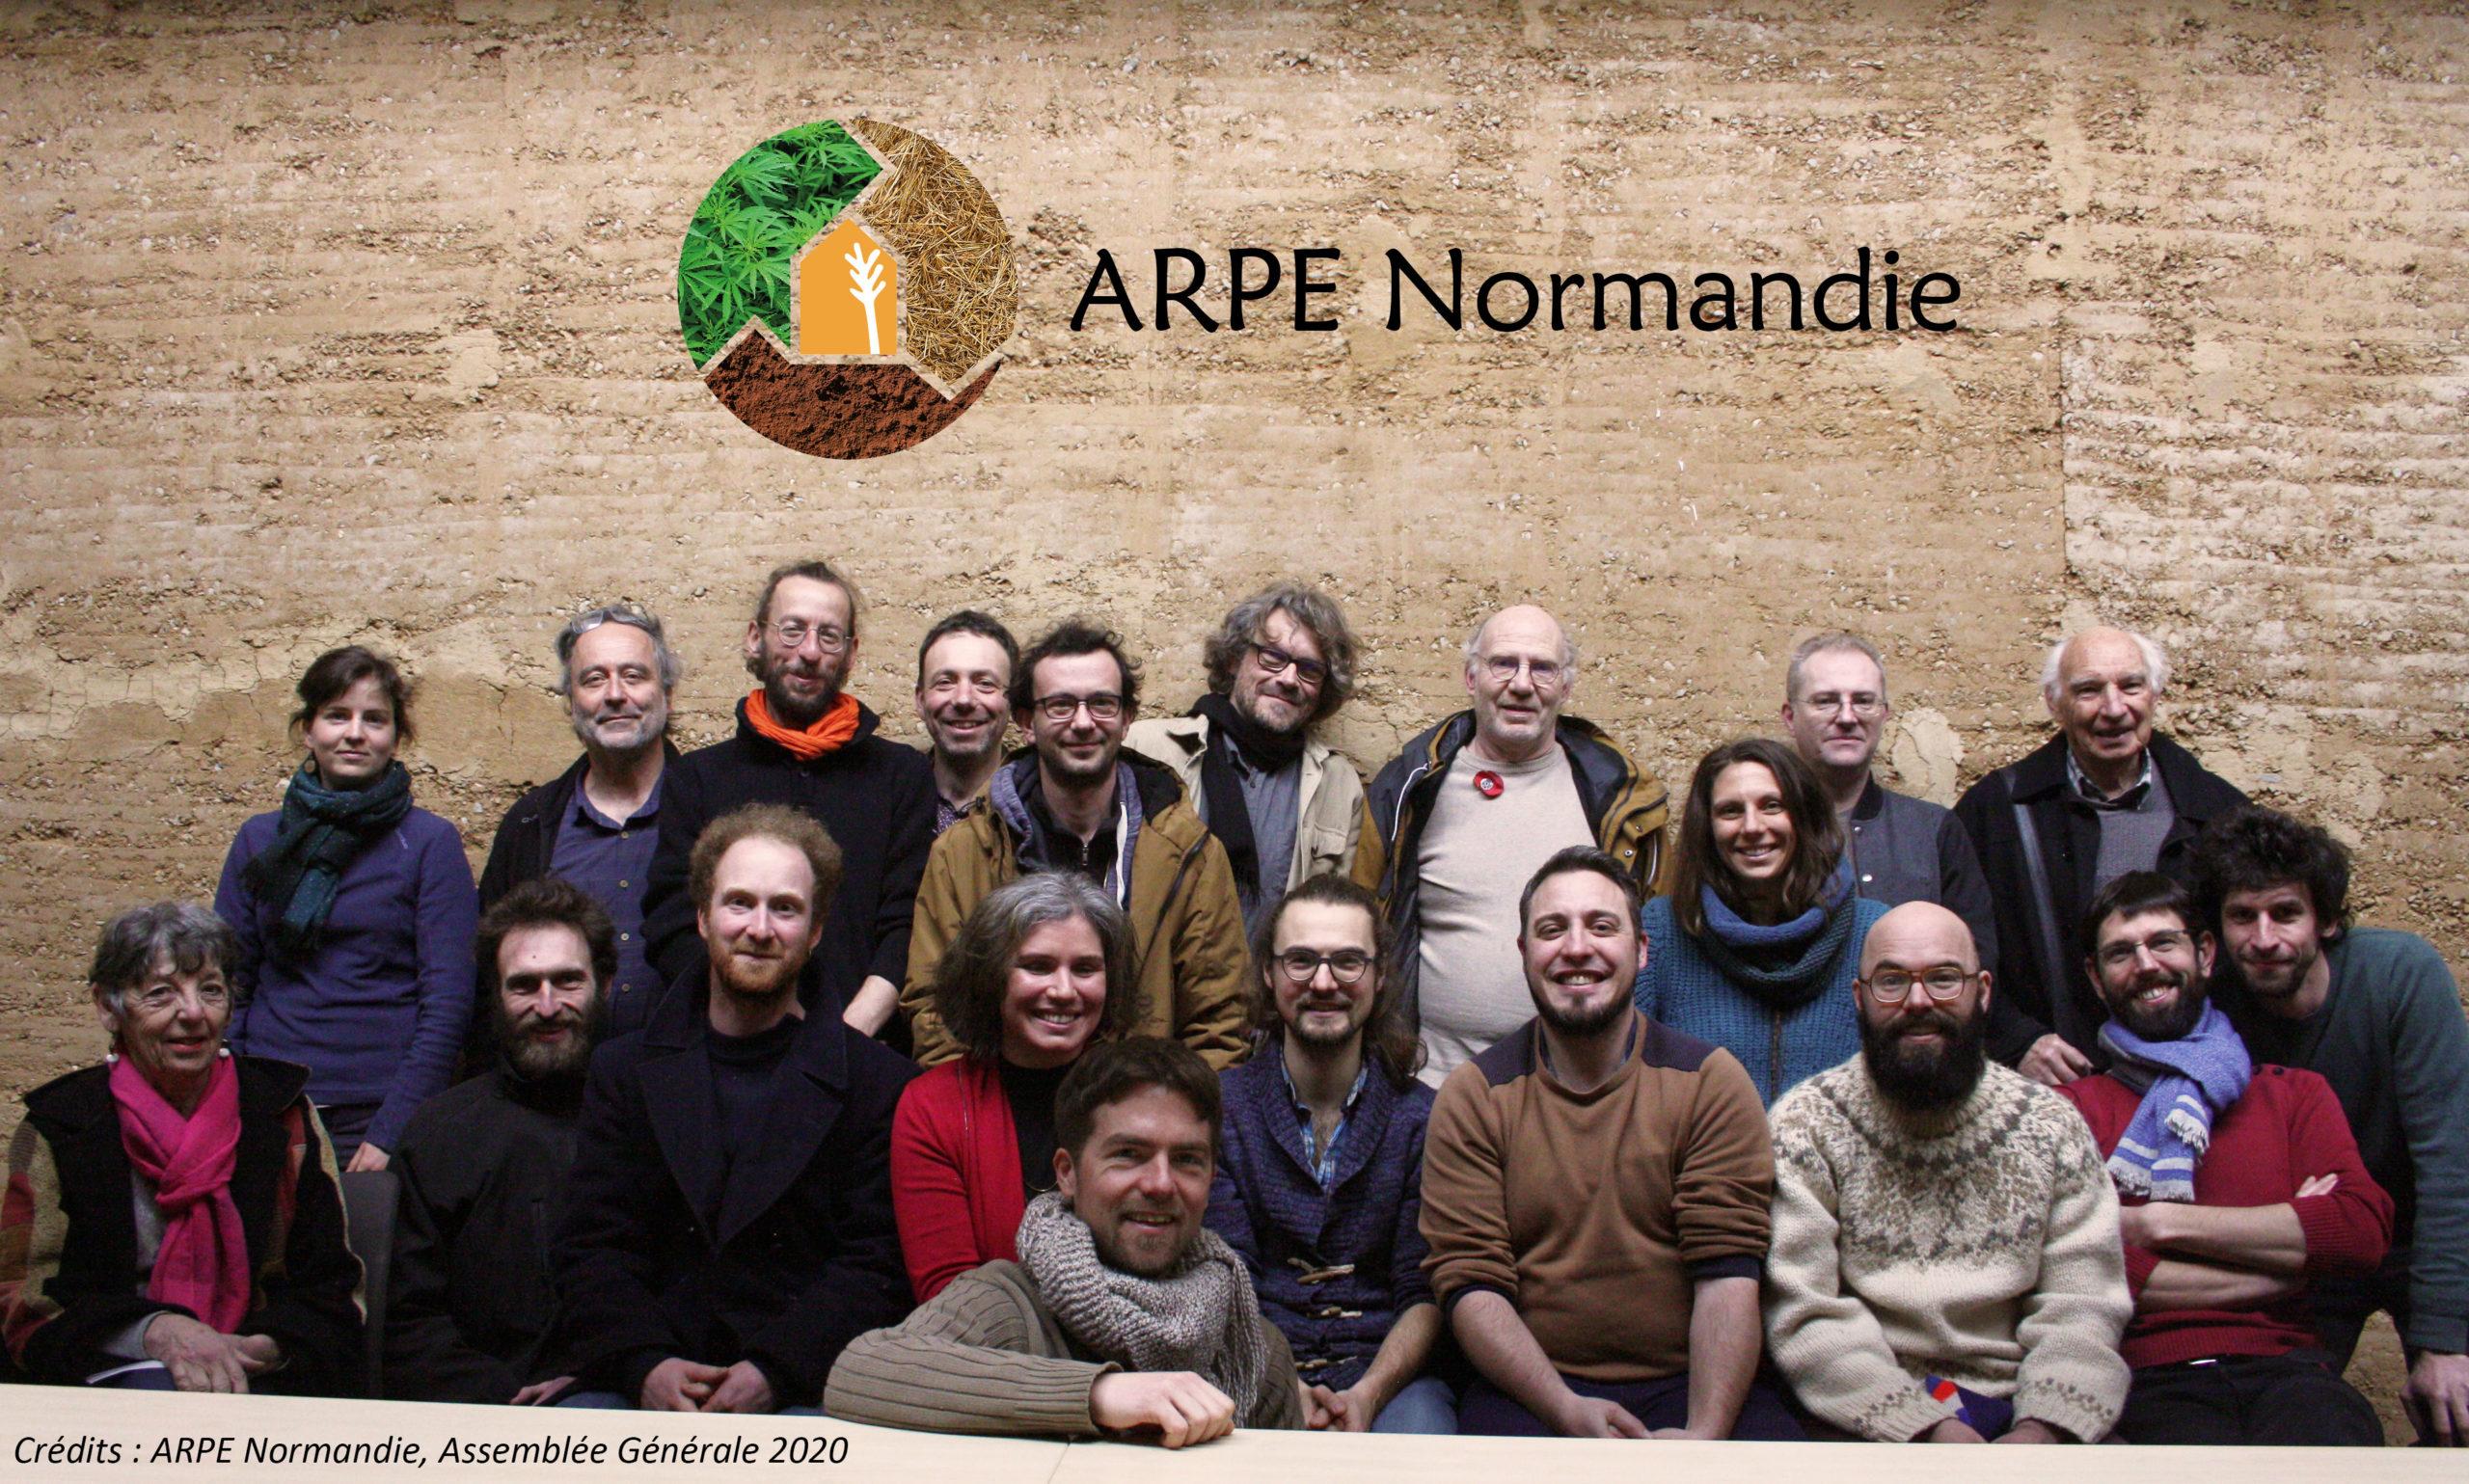 AG de l'ARPE Normandie : retour en images, remerciements et coronavirus